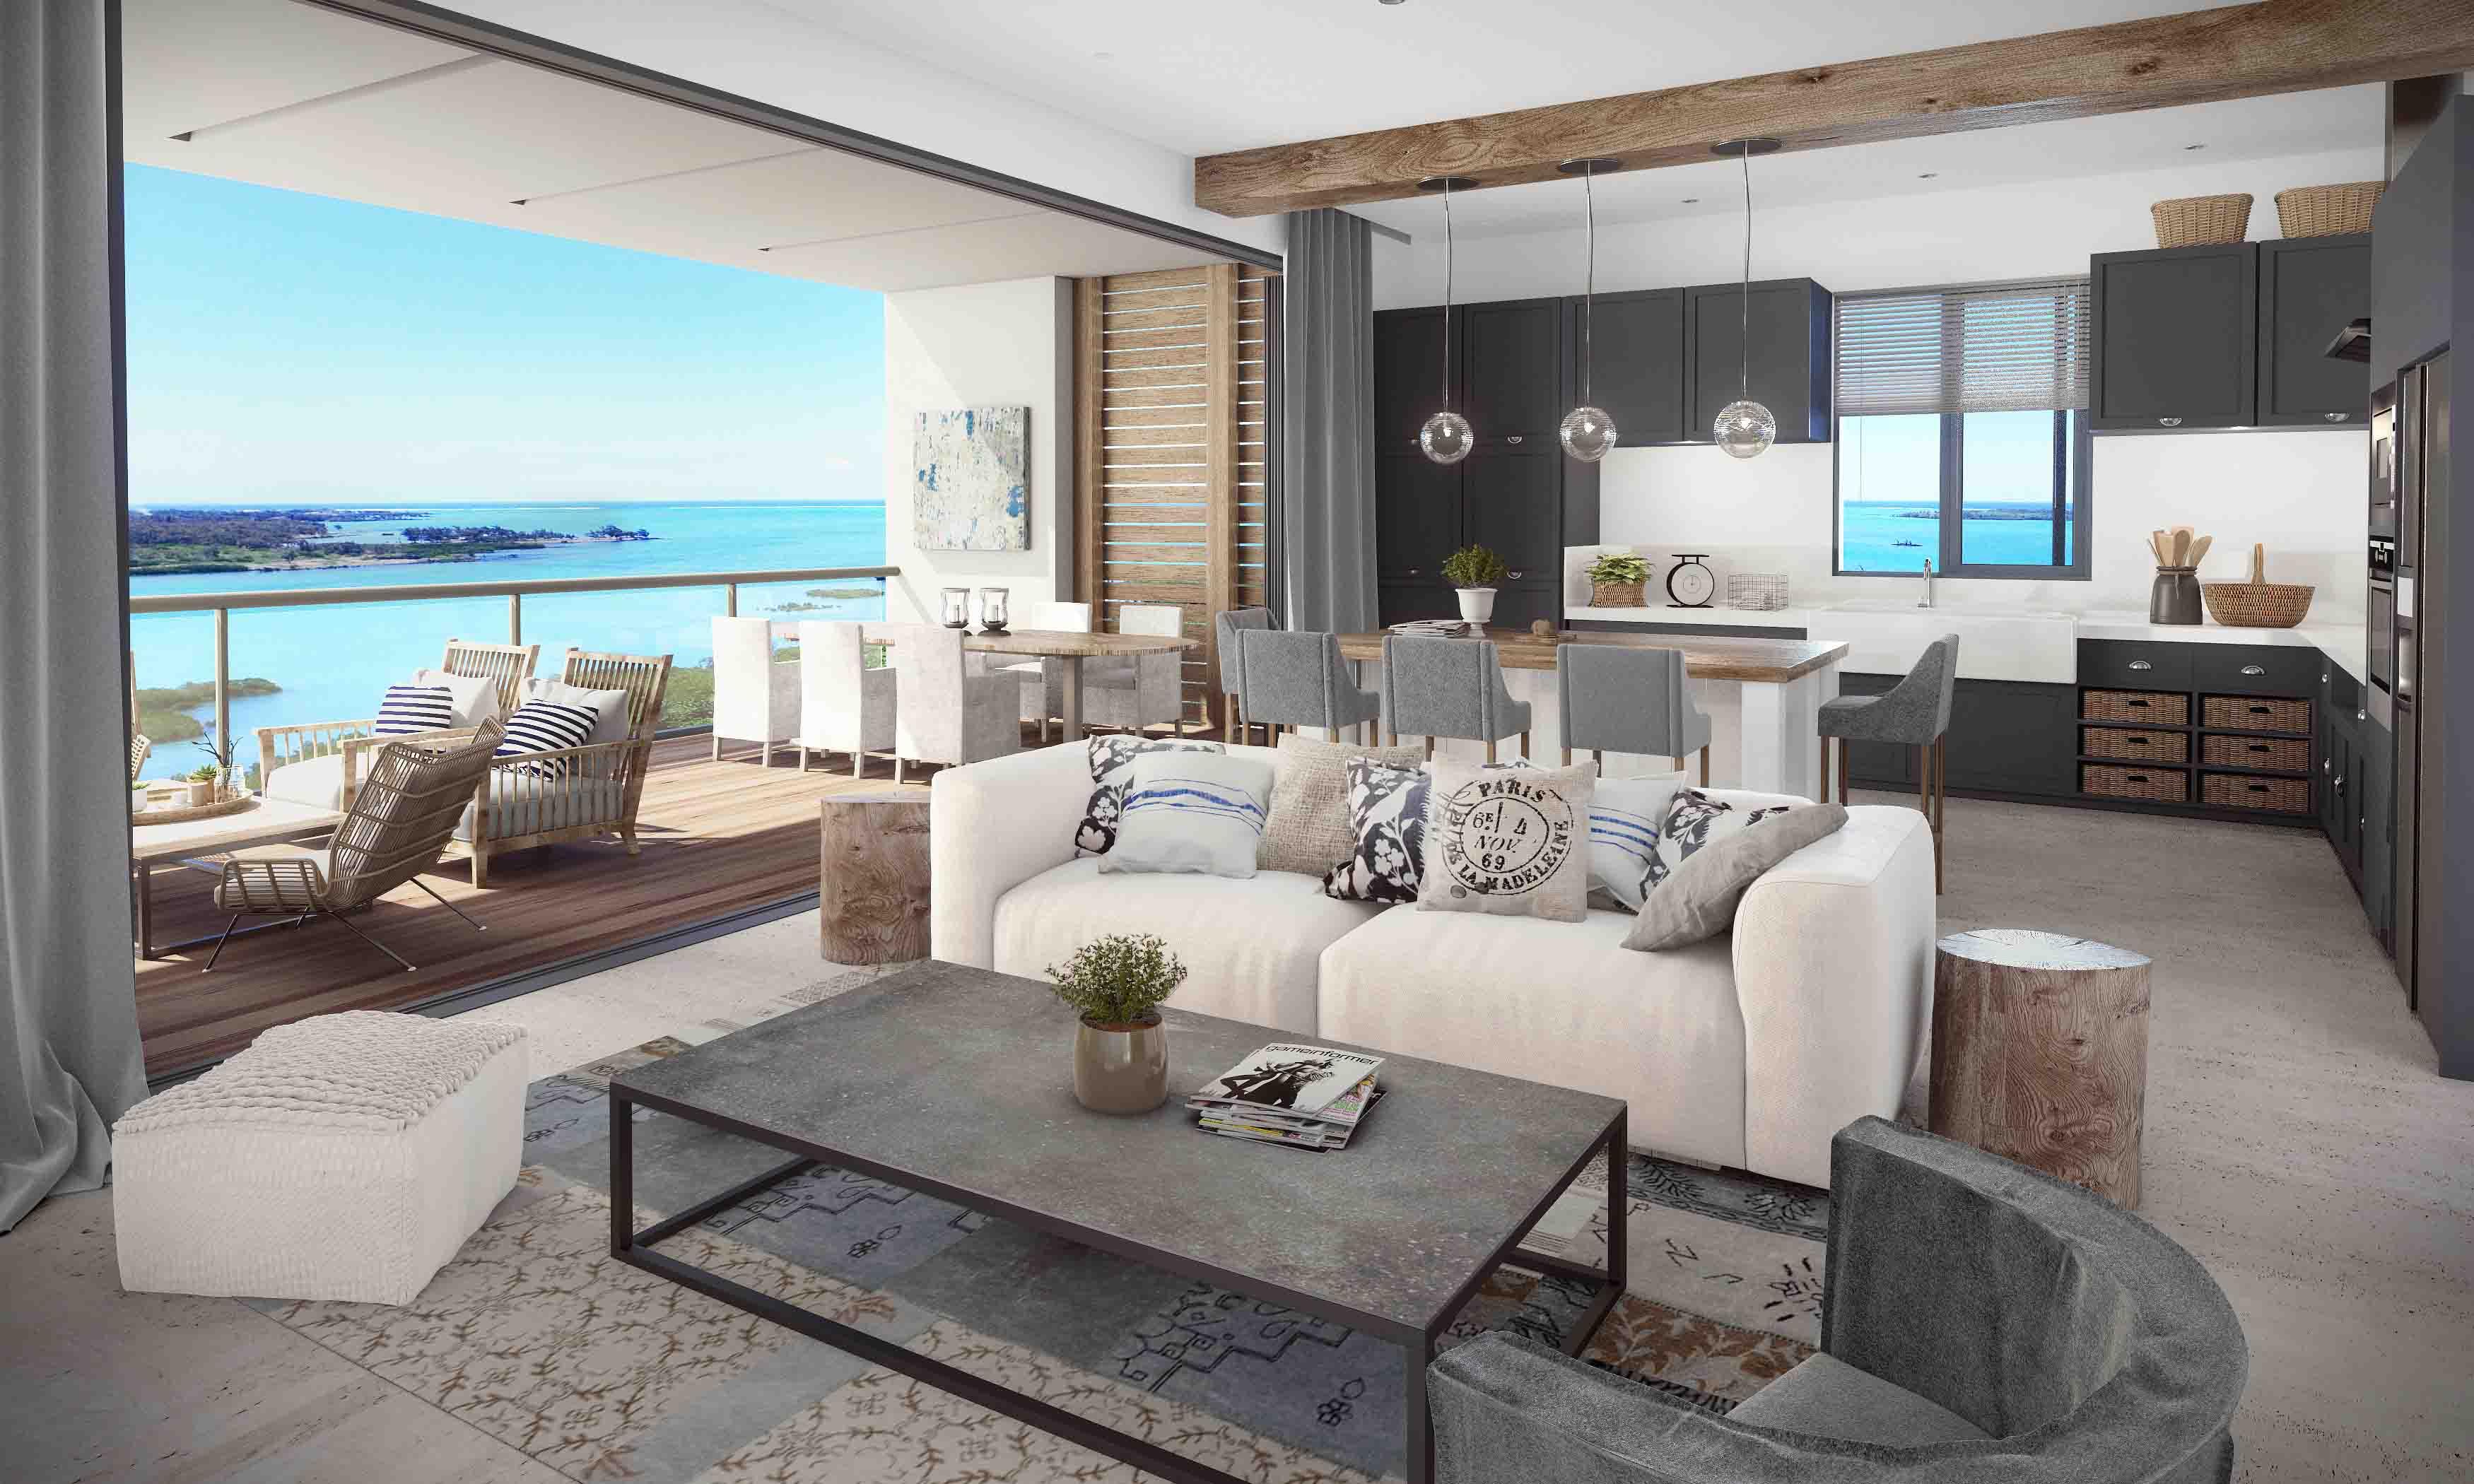 nouvelle résidence d'appartements et villas SAINT ANTOINE PDS investissement GRAND BAIE  ILE MAURICE